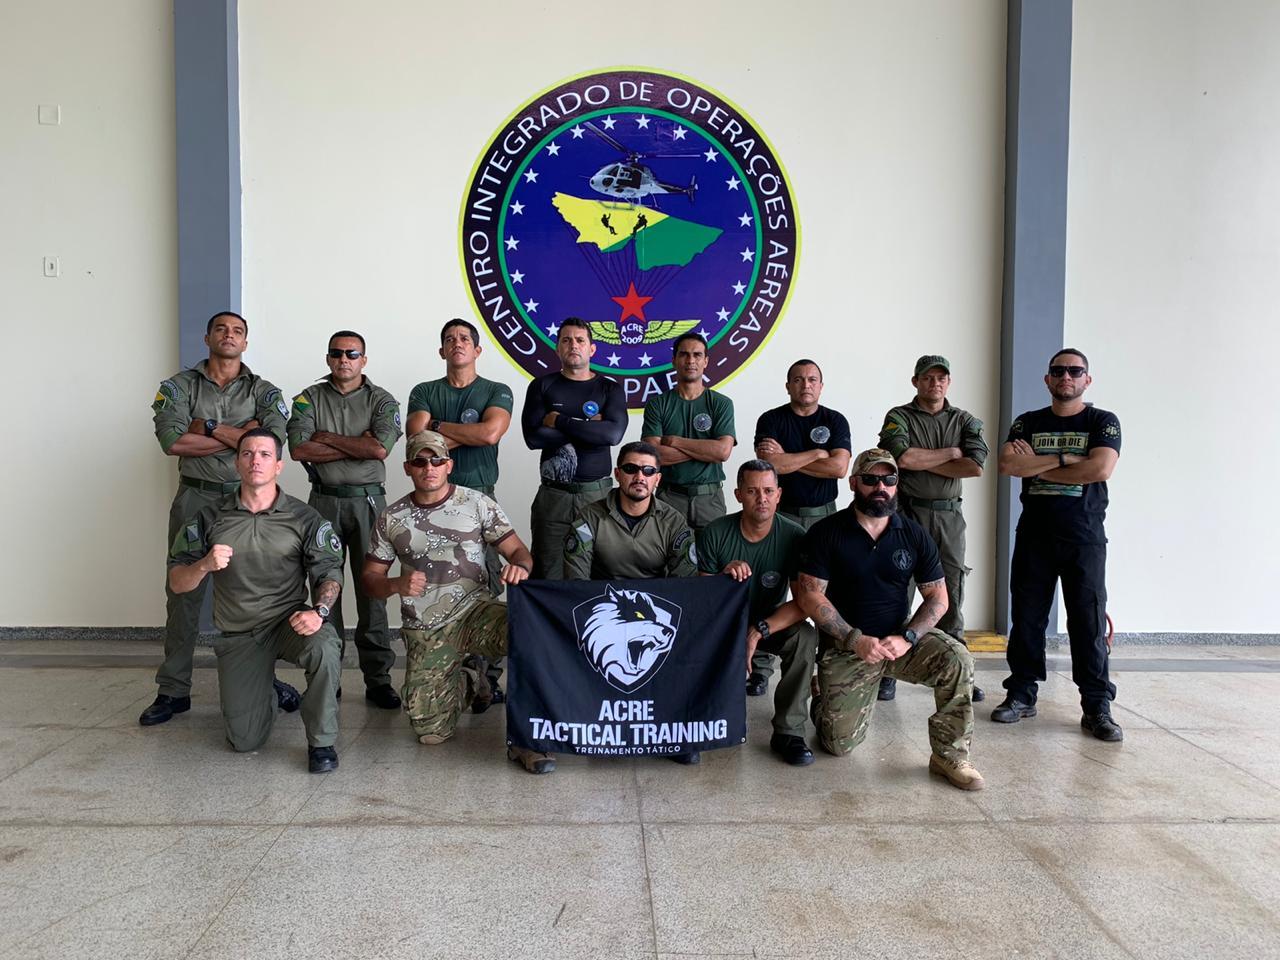 Integrantes do Ciopaer recebem treinamento de defesa e proteção a ataques com facas